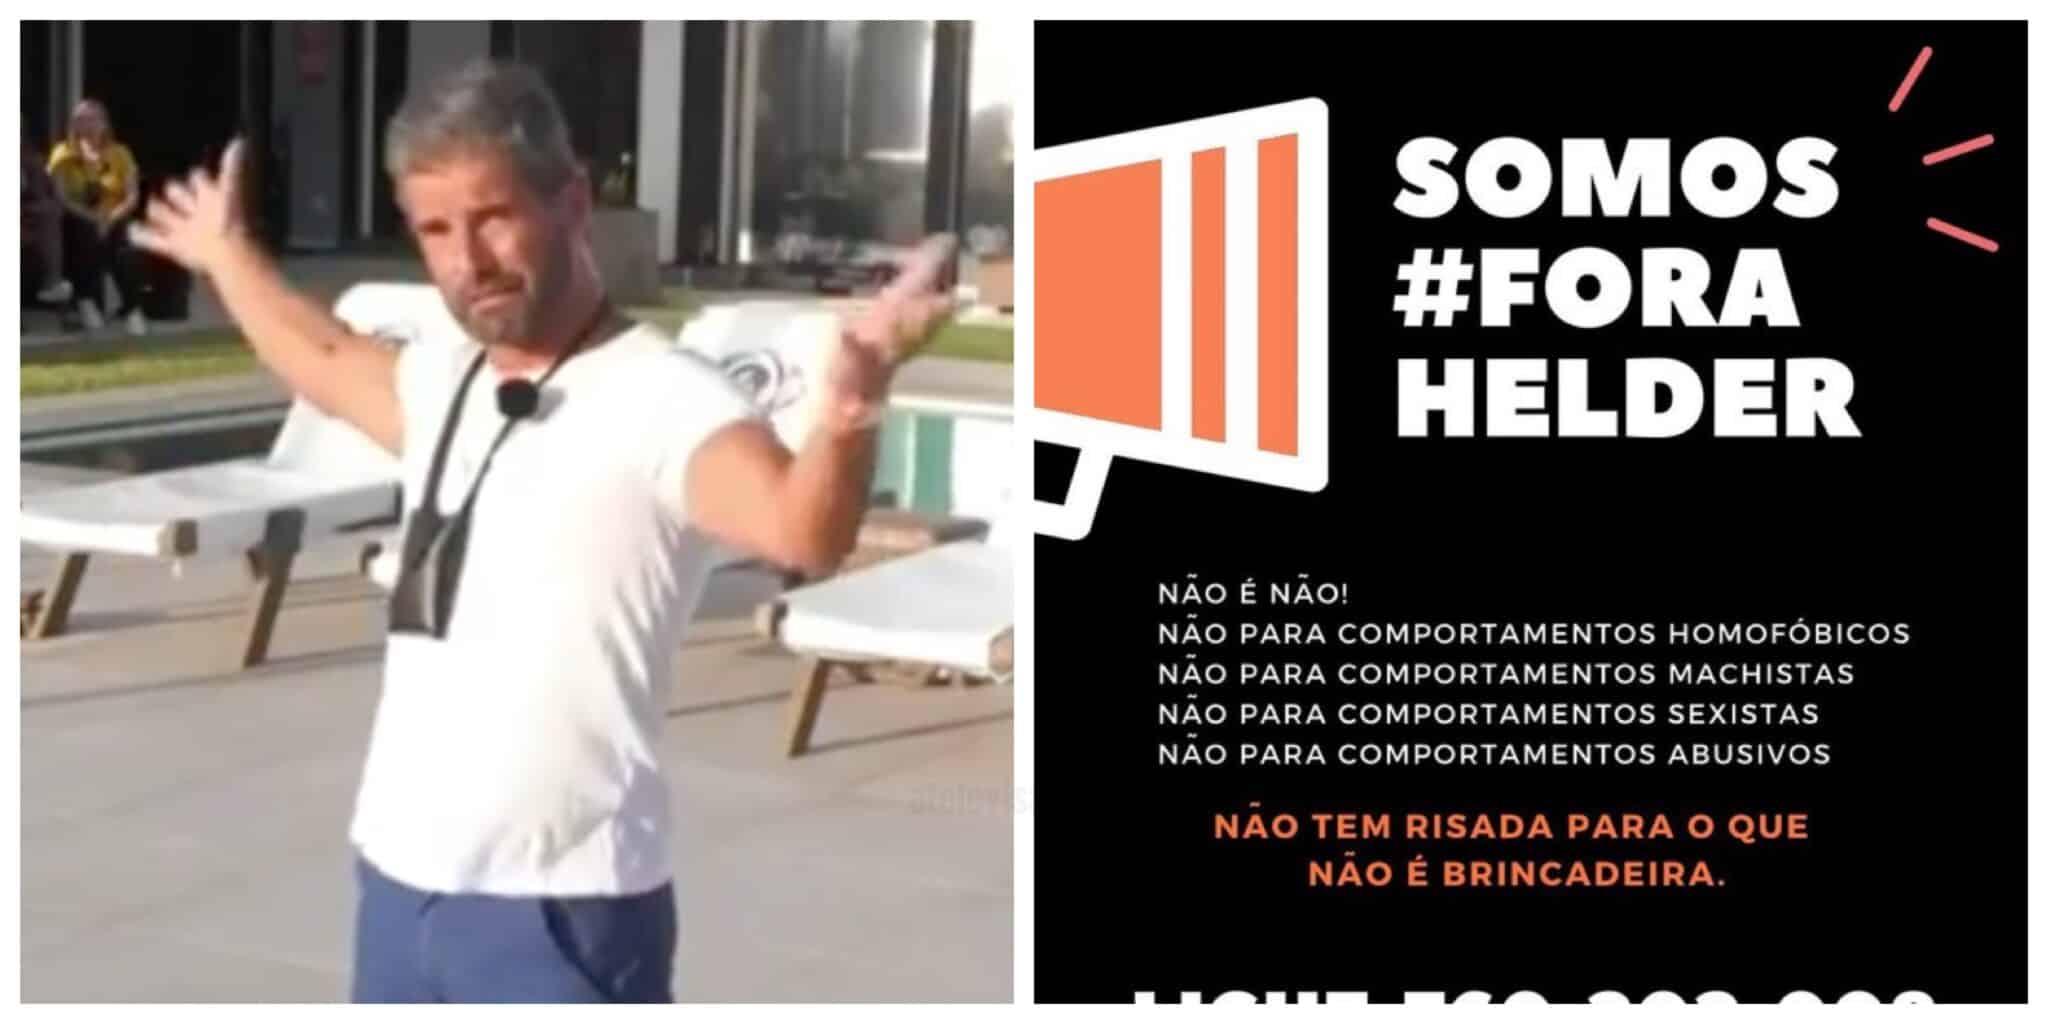 Big Brother Helder Scaled Portugueses Querem Hélder Fora Do 'Big Brother'